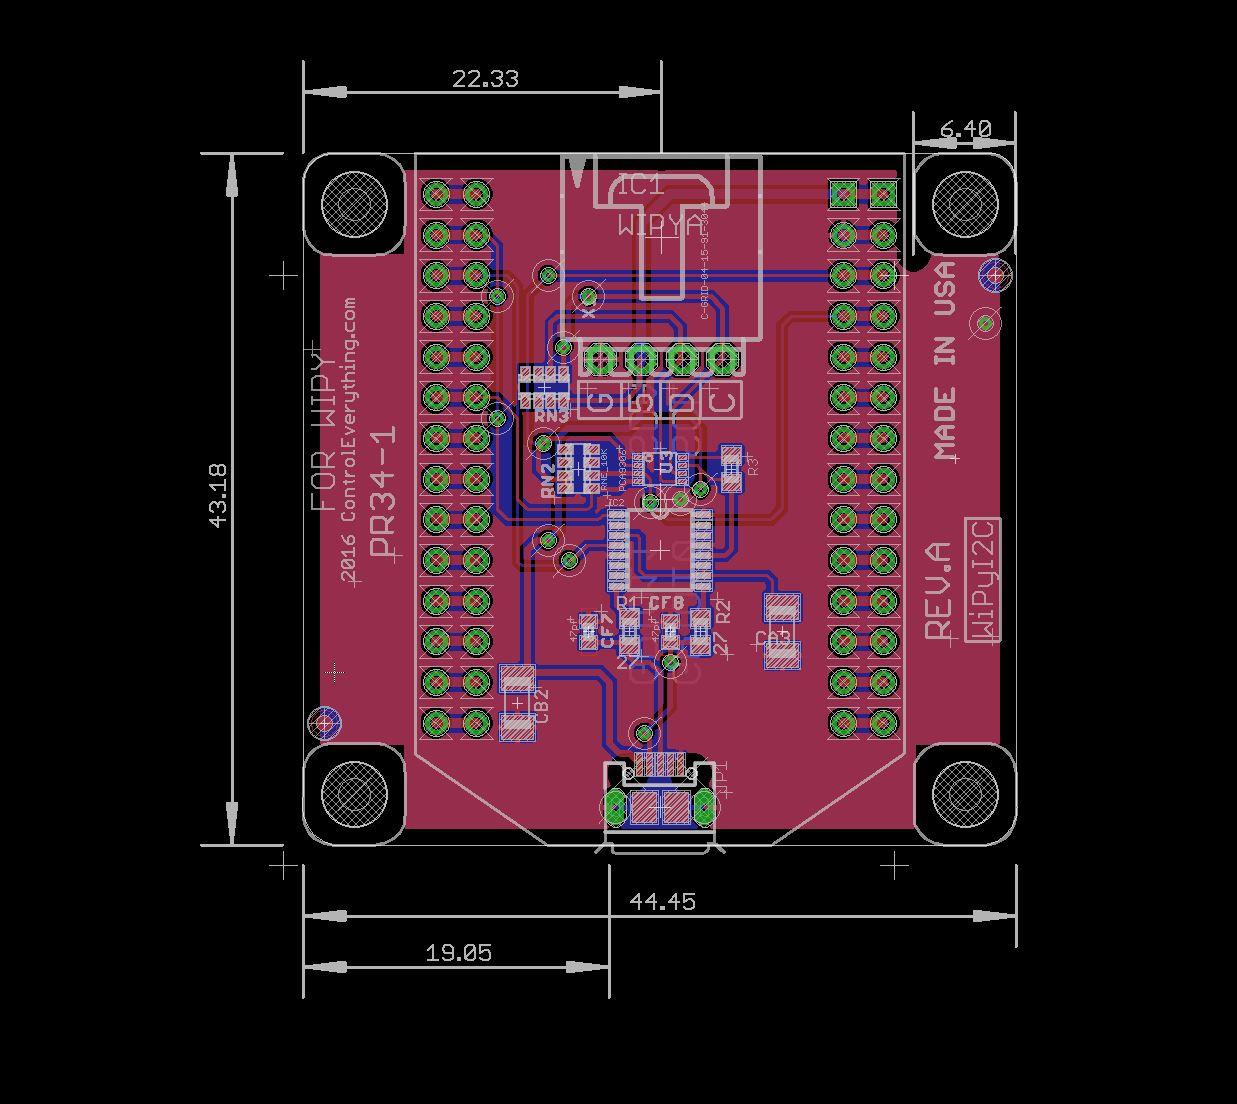 mechanical keyboard wiring diagram sony model cdx gt210 wipy i2c shield with usb port